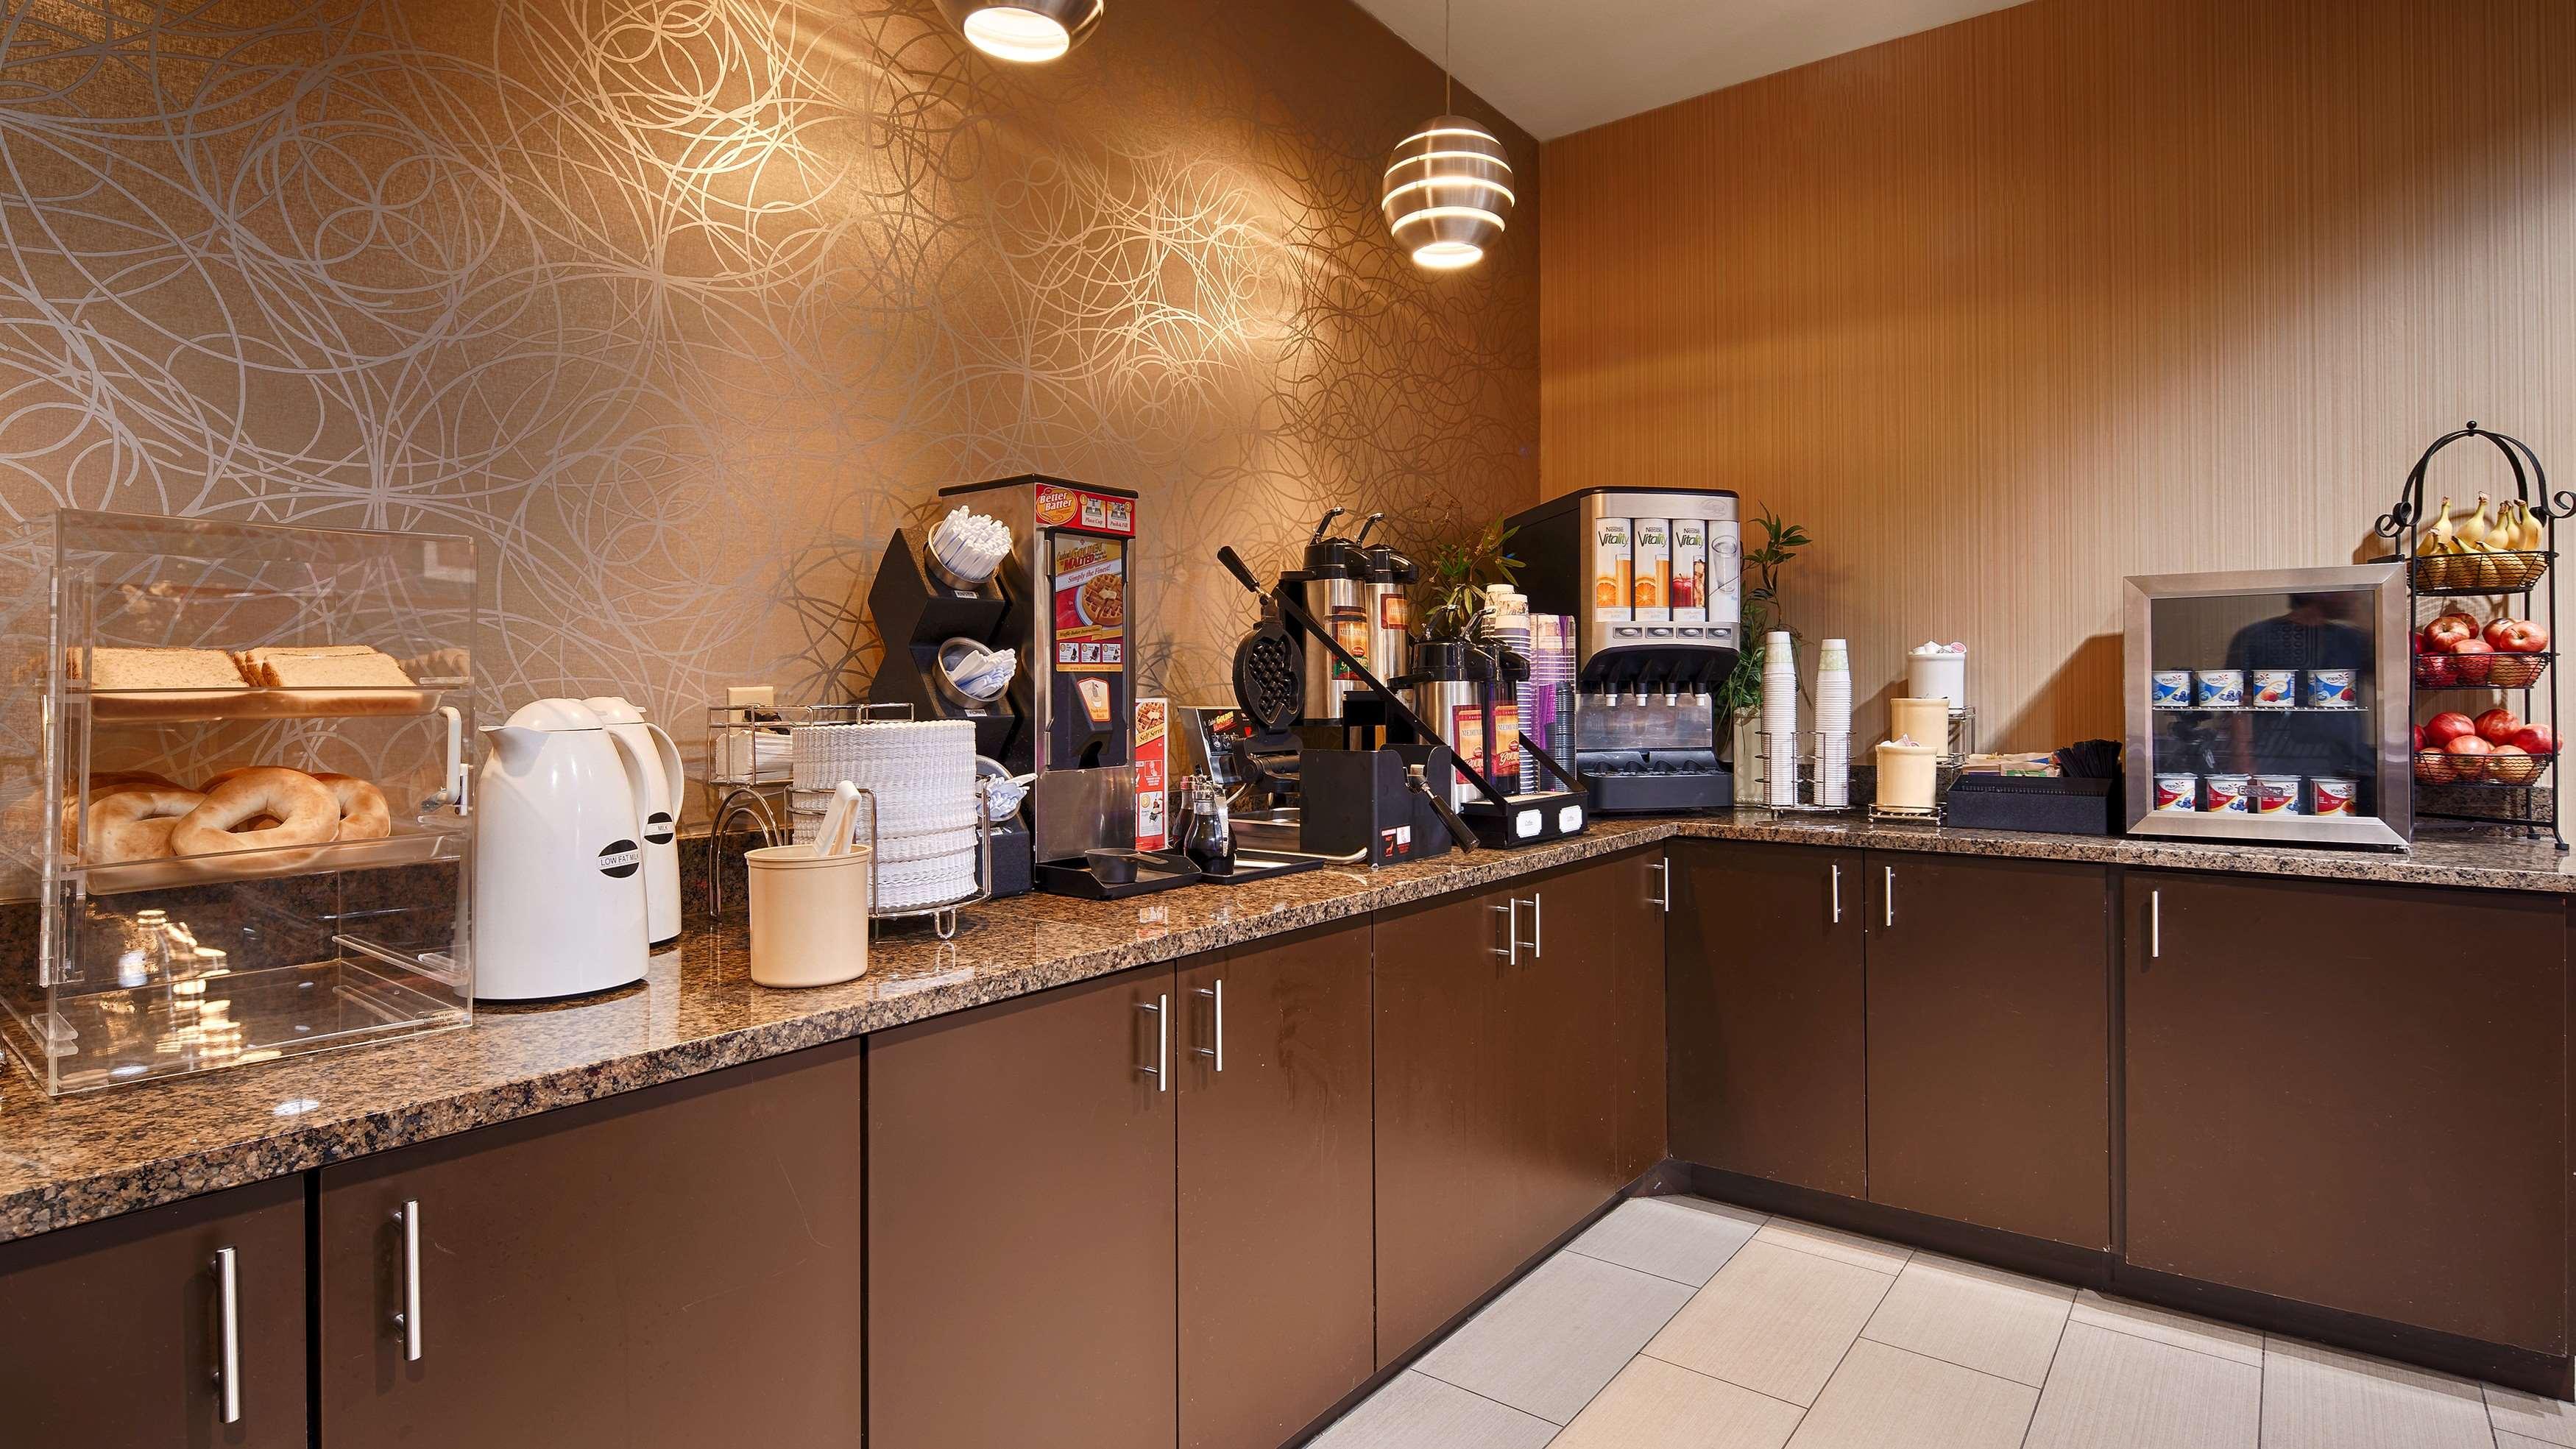 Best Western Plus Denton Inn & Suites image 35